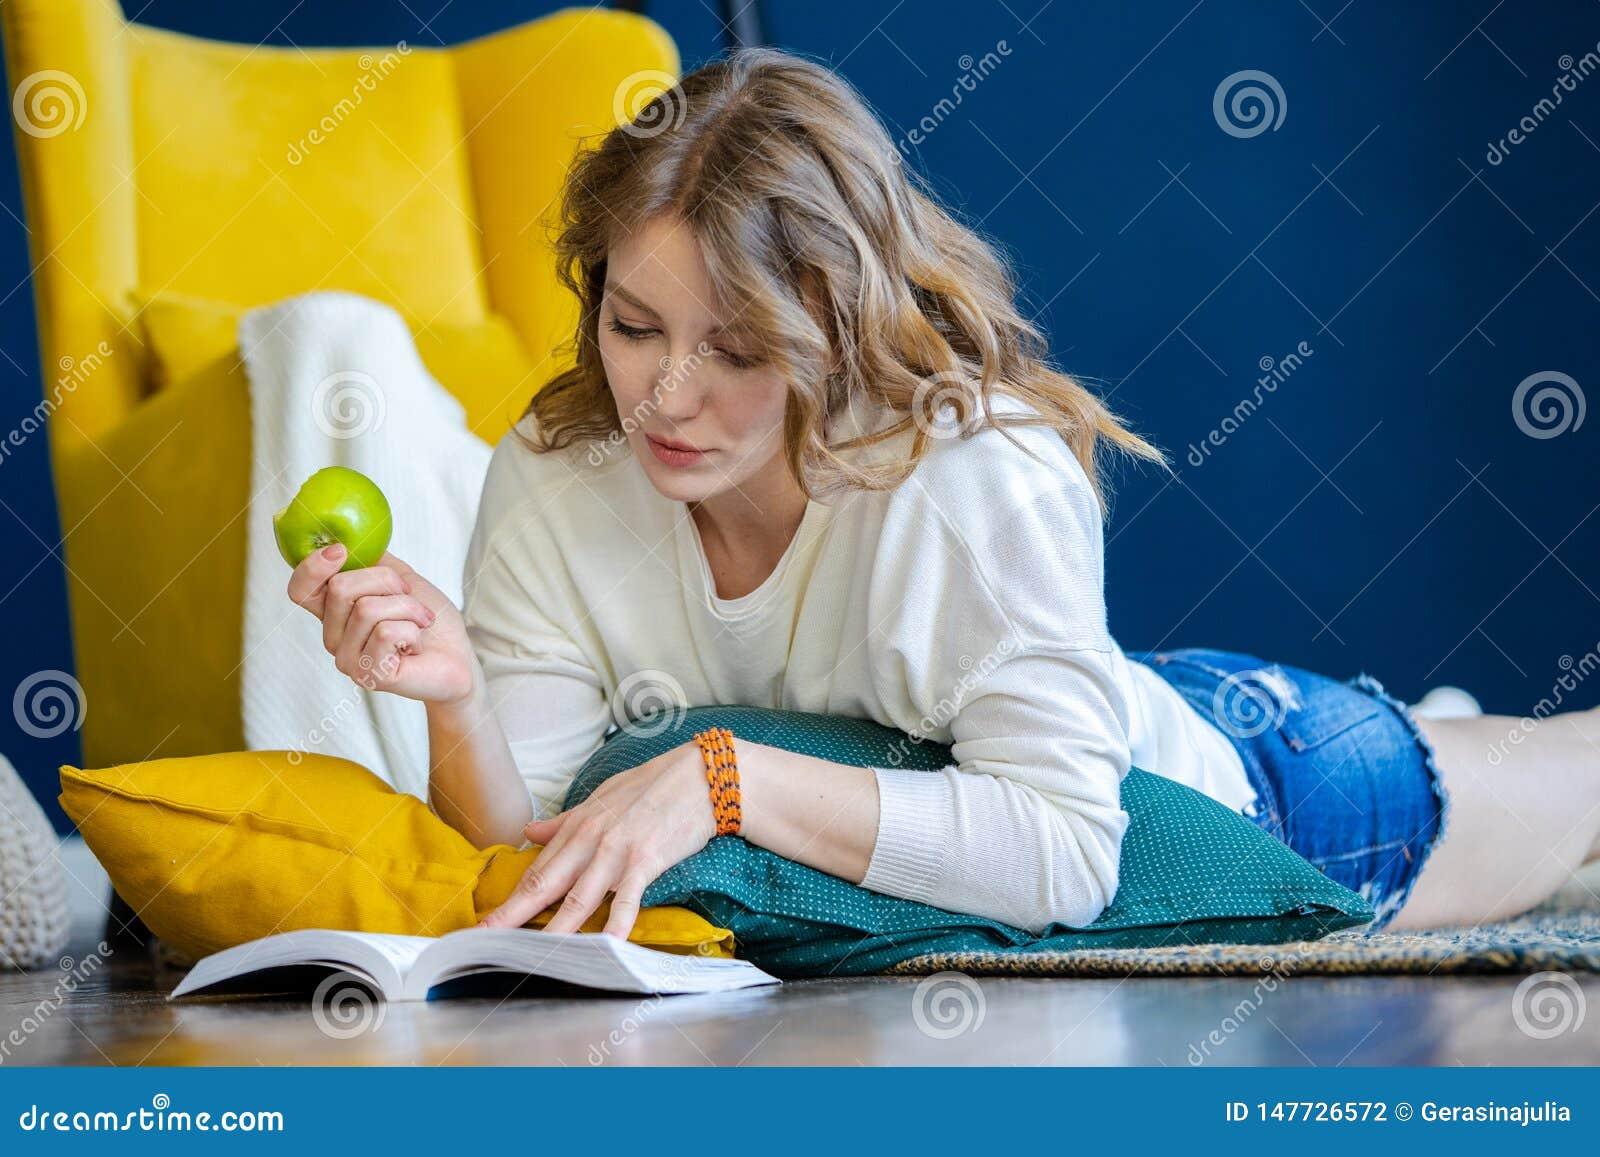 Libro de lectura rubio de la mujer en casa y poniendo en el piso al lado de la butaca amarilla